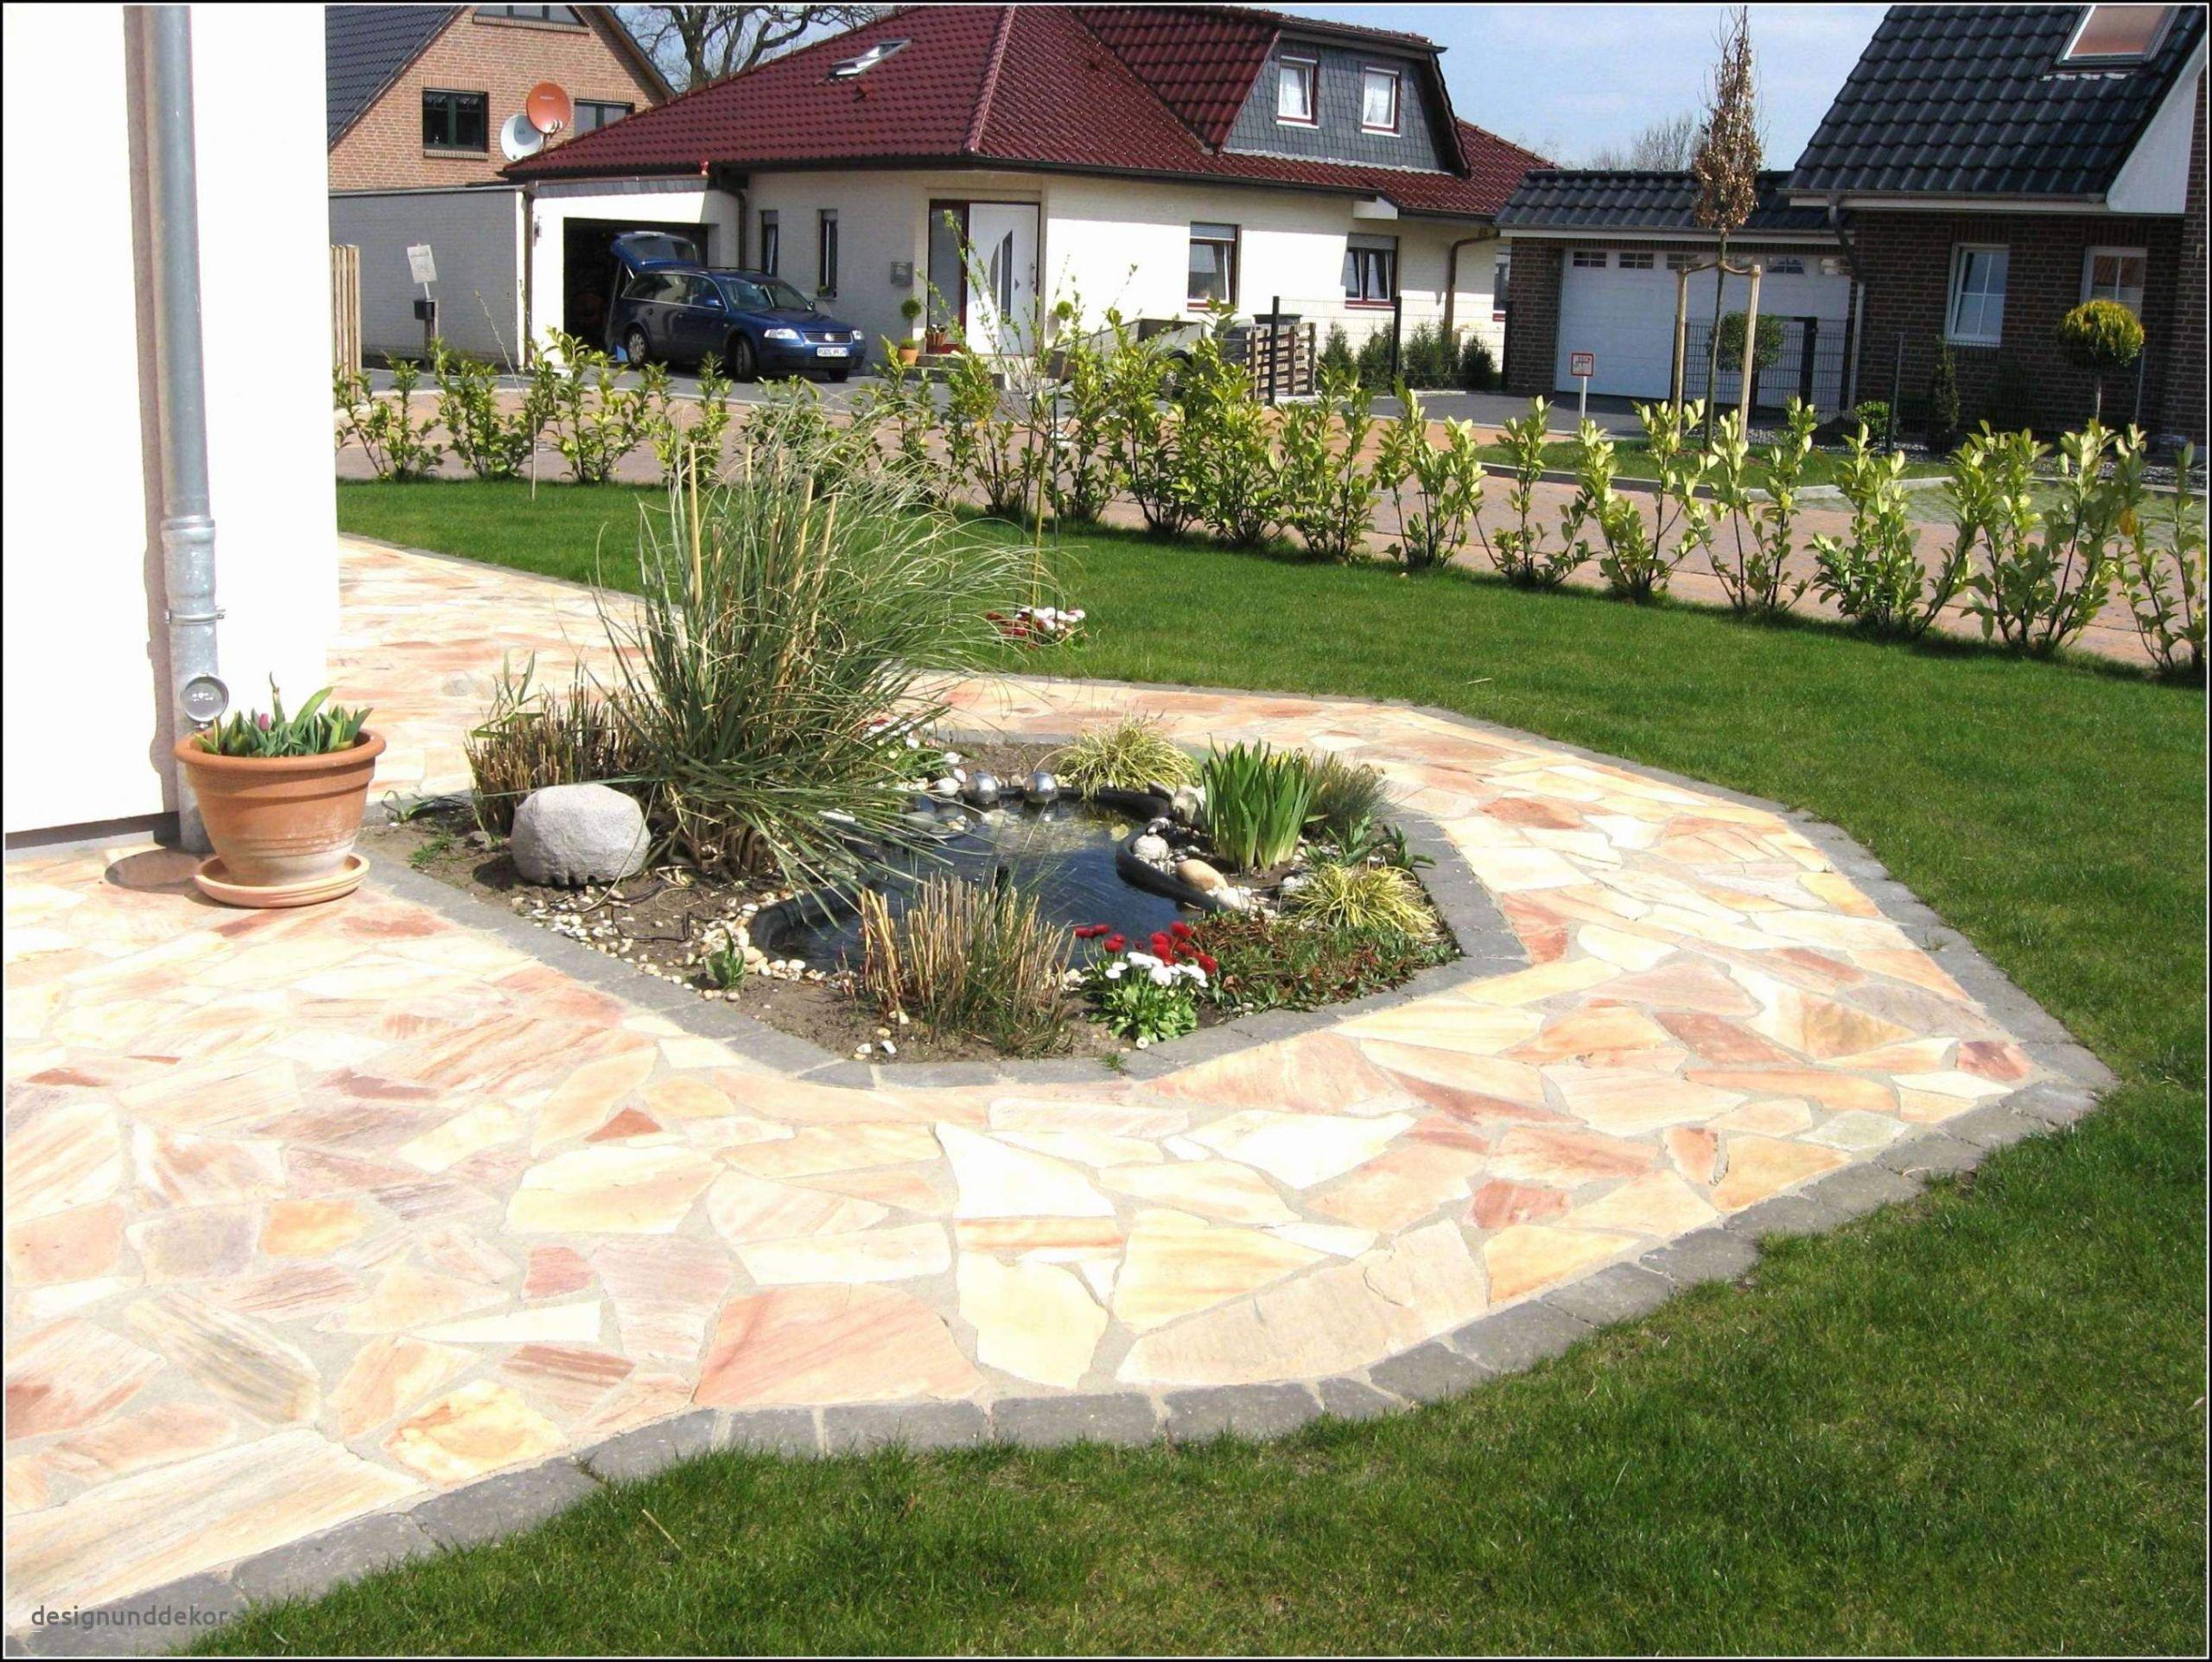 Naturnaher Garten Pflegeleicht Anlegen Elegant 39 Reizend Naturnaher Garten Pflegeleicht Anlegen Elegant